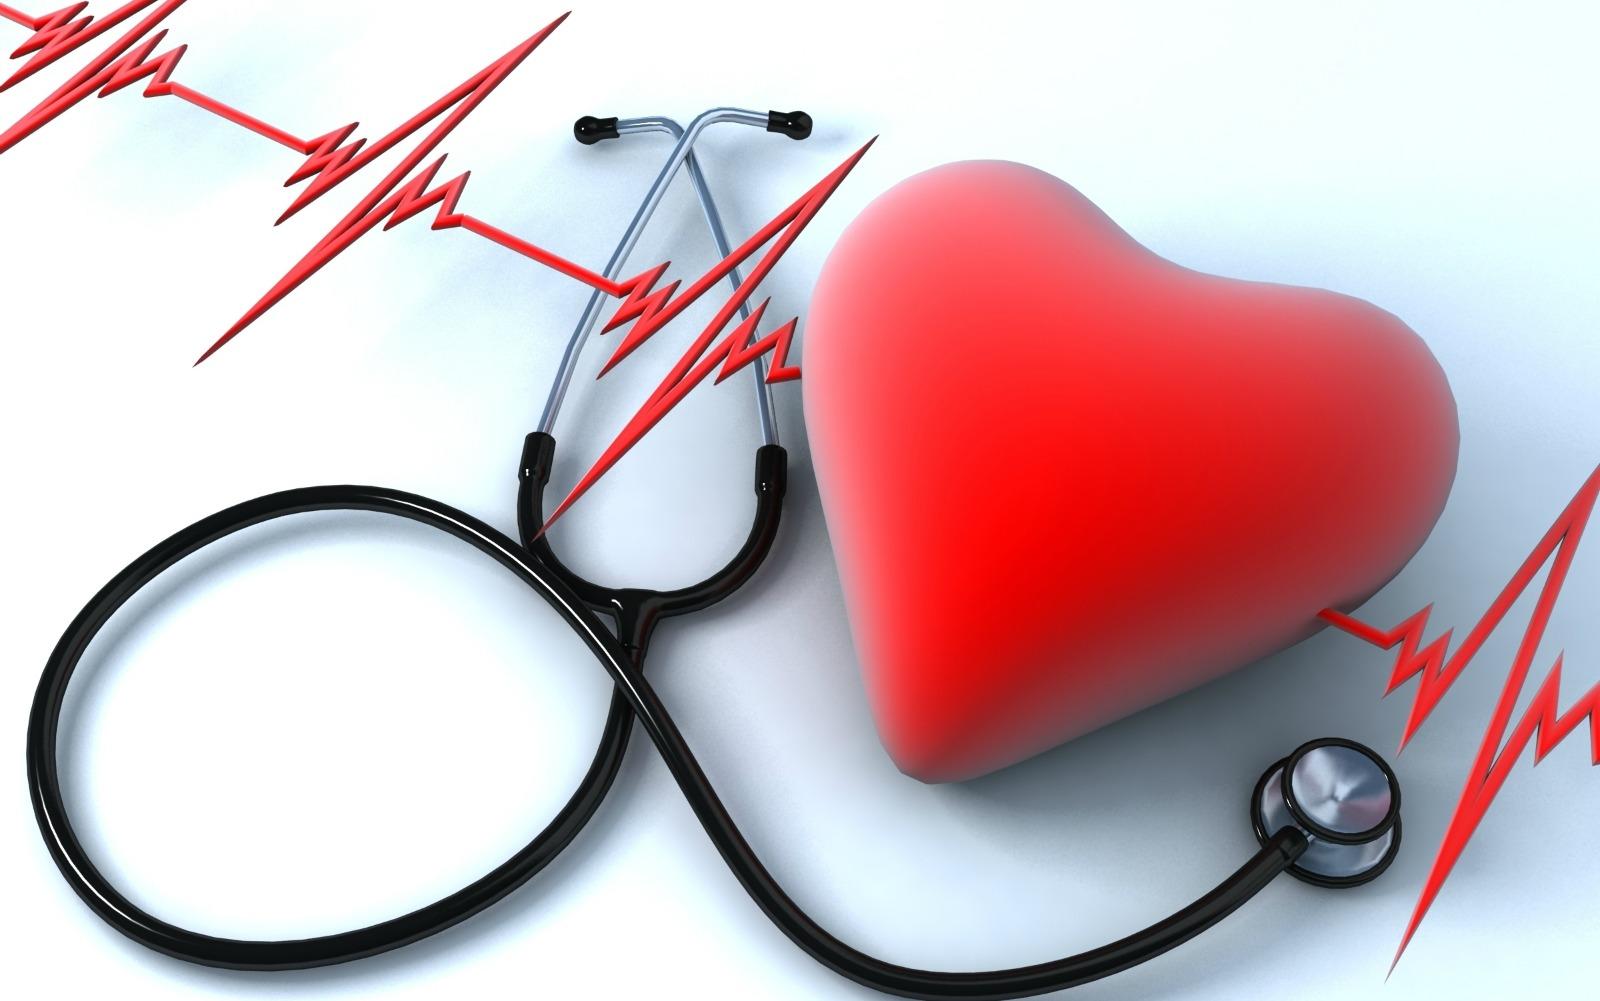 باشگاه خبرنگاران -اجرای بزرگترین طرح مطالعاتی کشور در زمینه دیابت